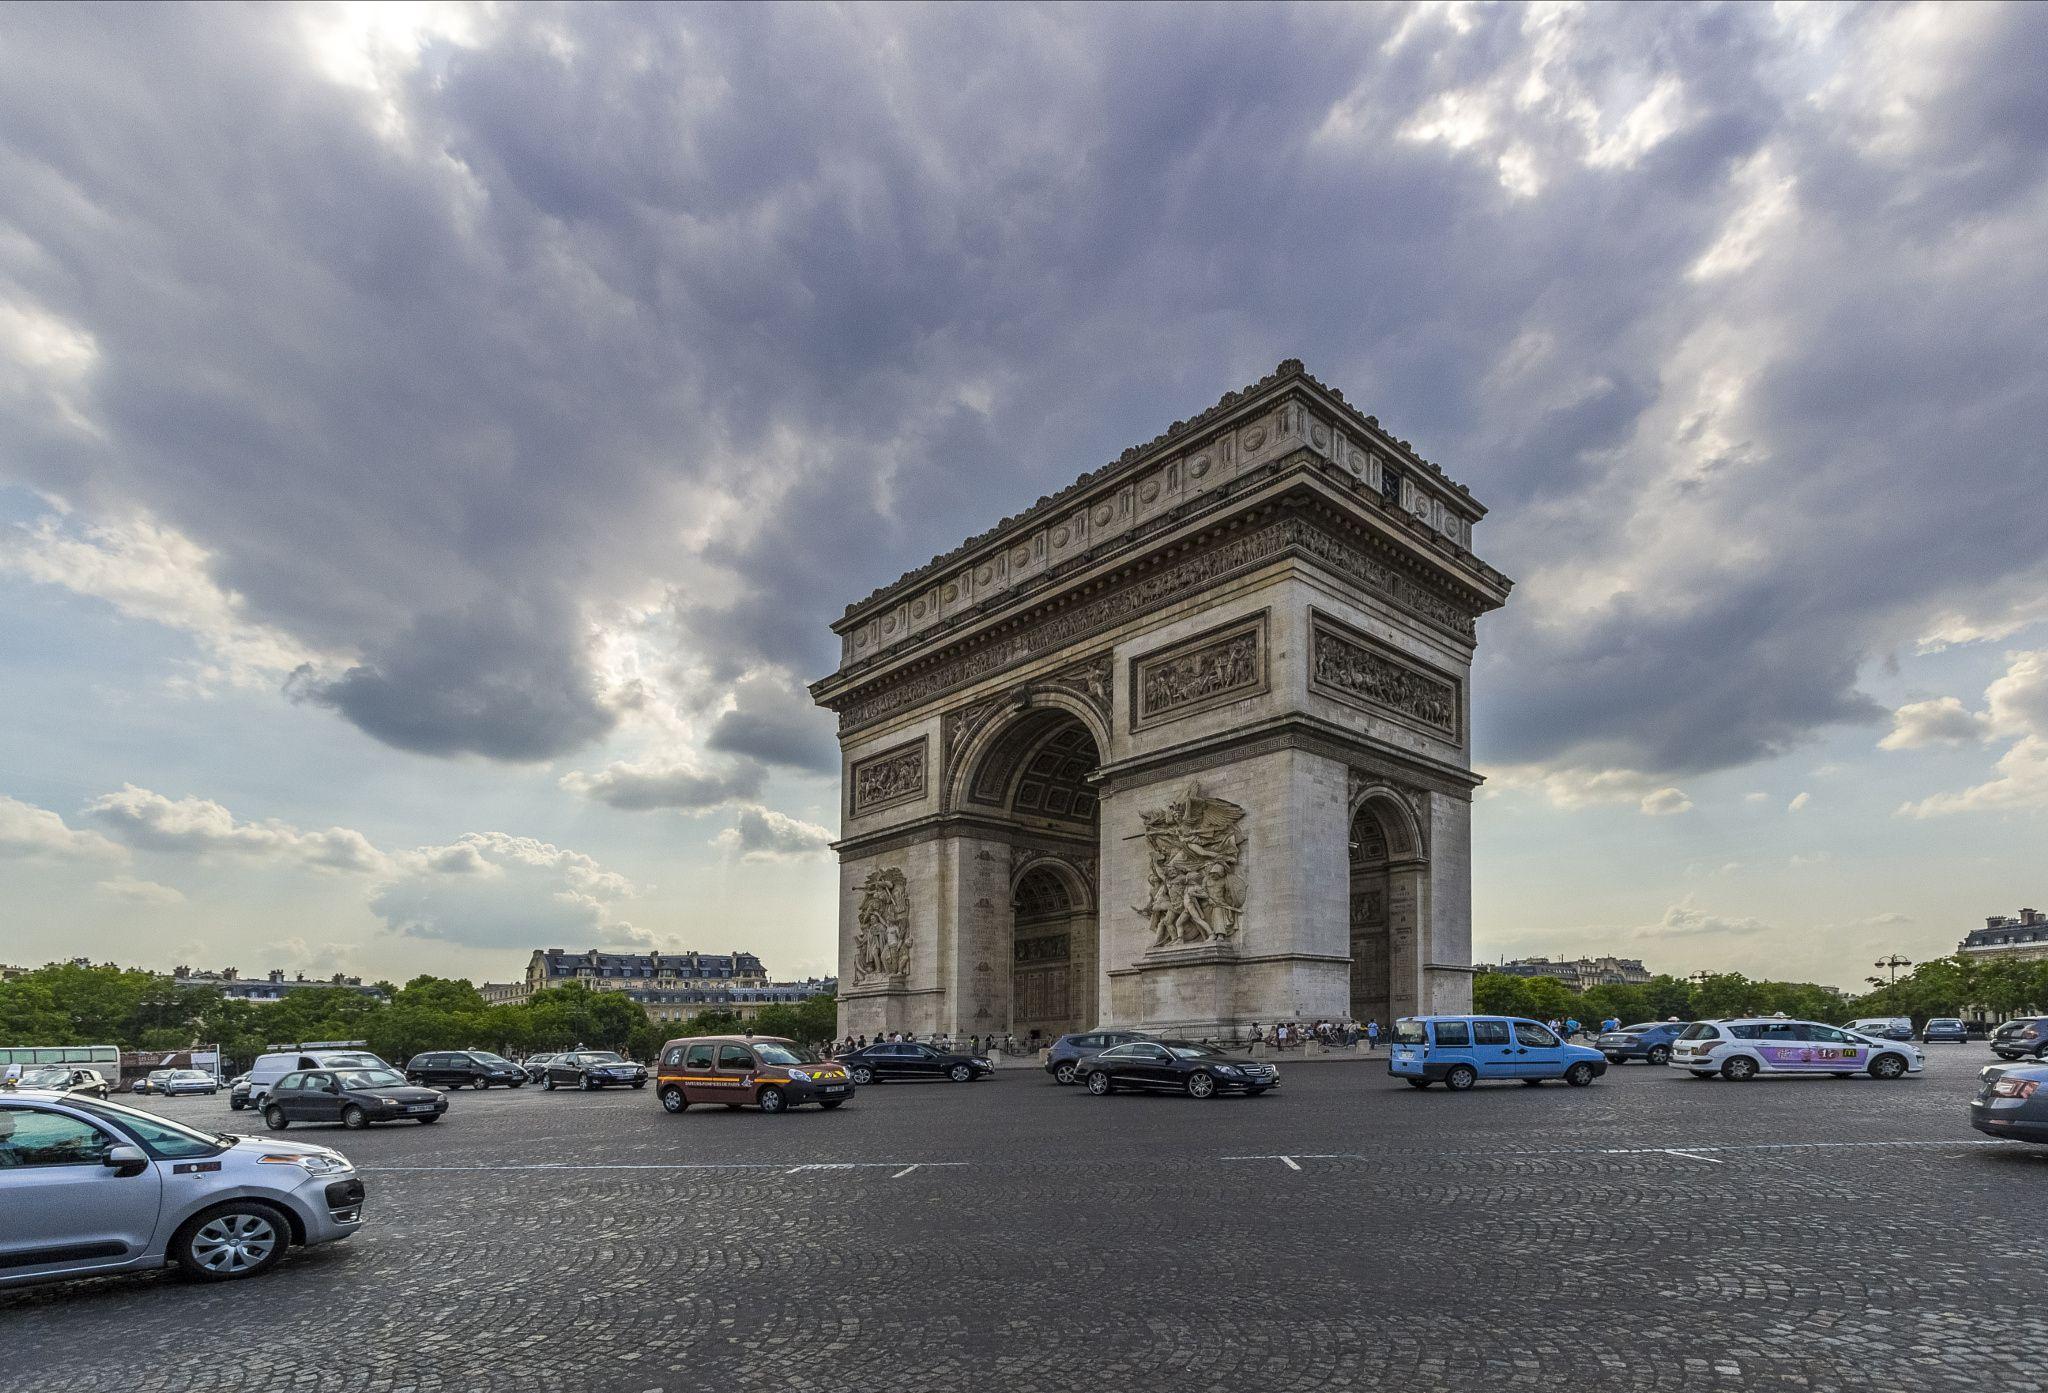 Arc De Triomphe 11 - a daytime picture of the Arc De Triomphe in Paris, France